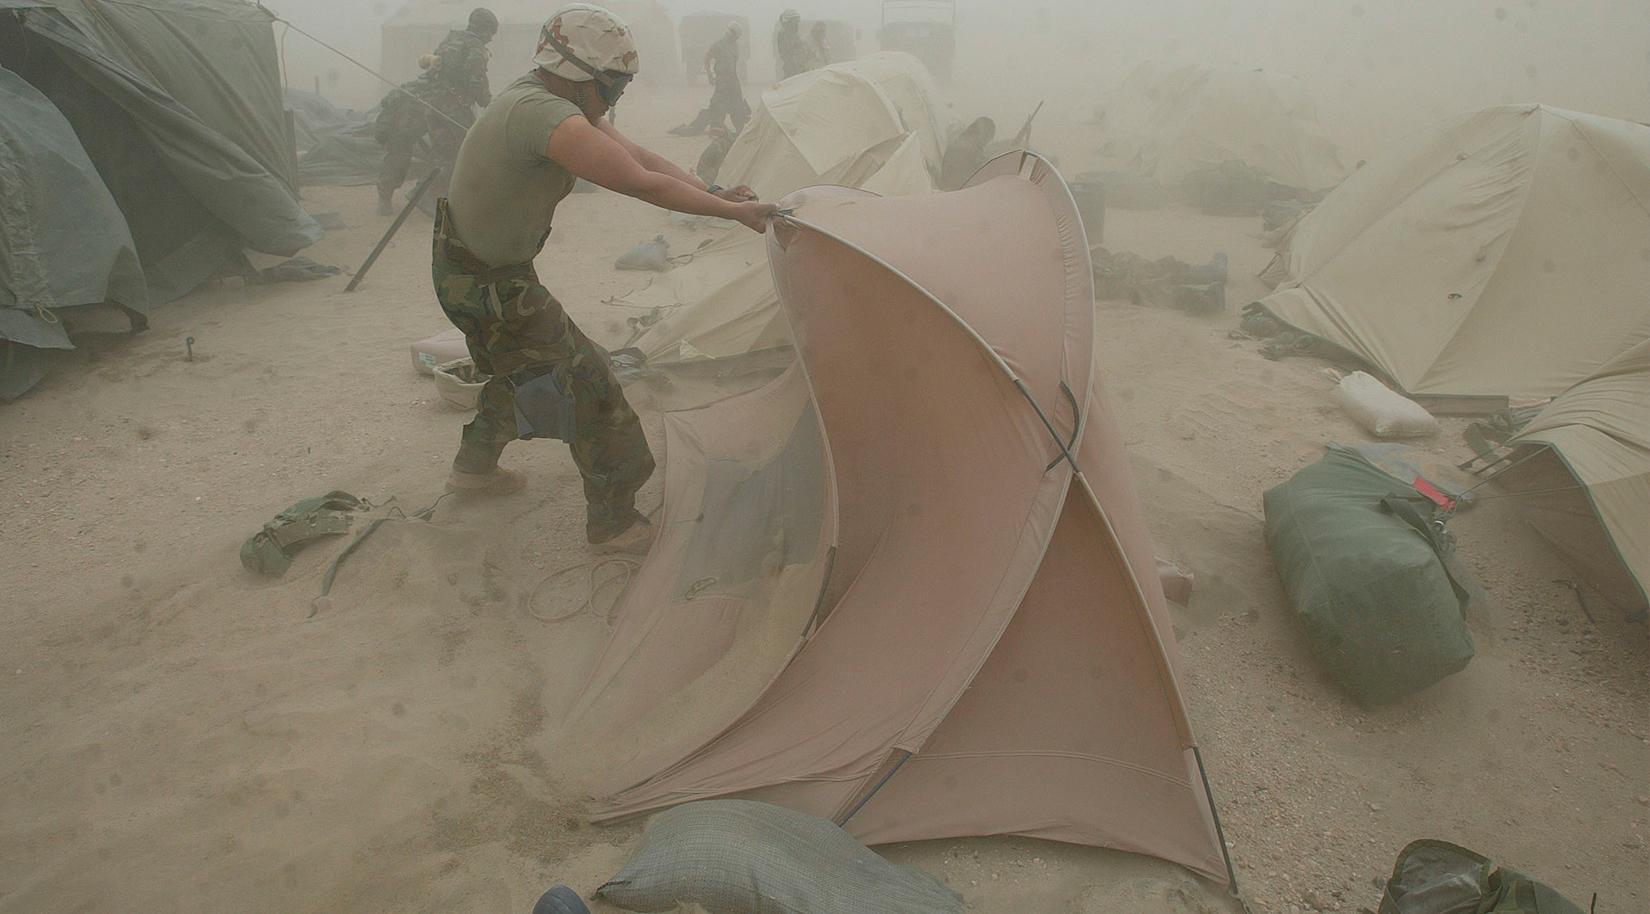 & 2-Person Combat Tent